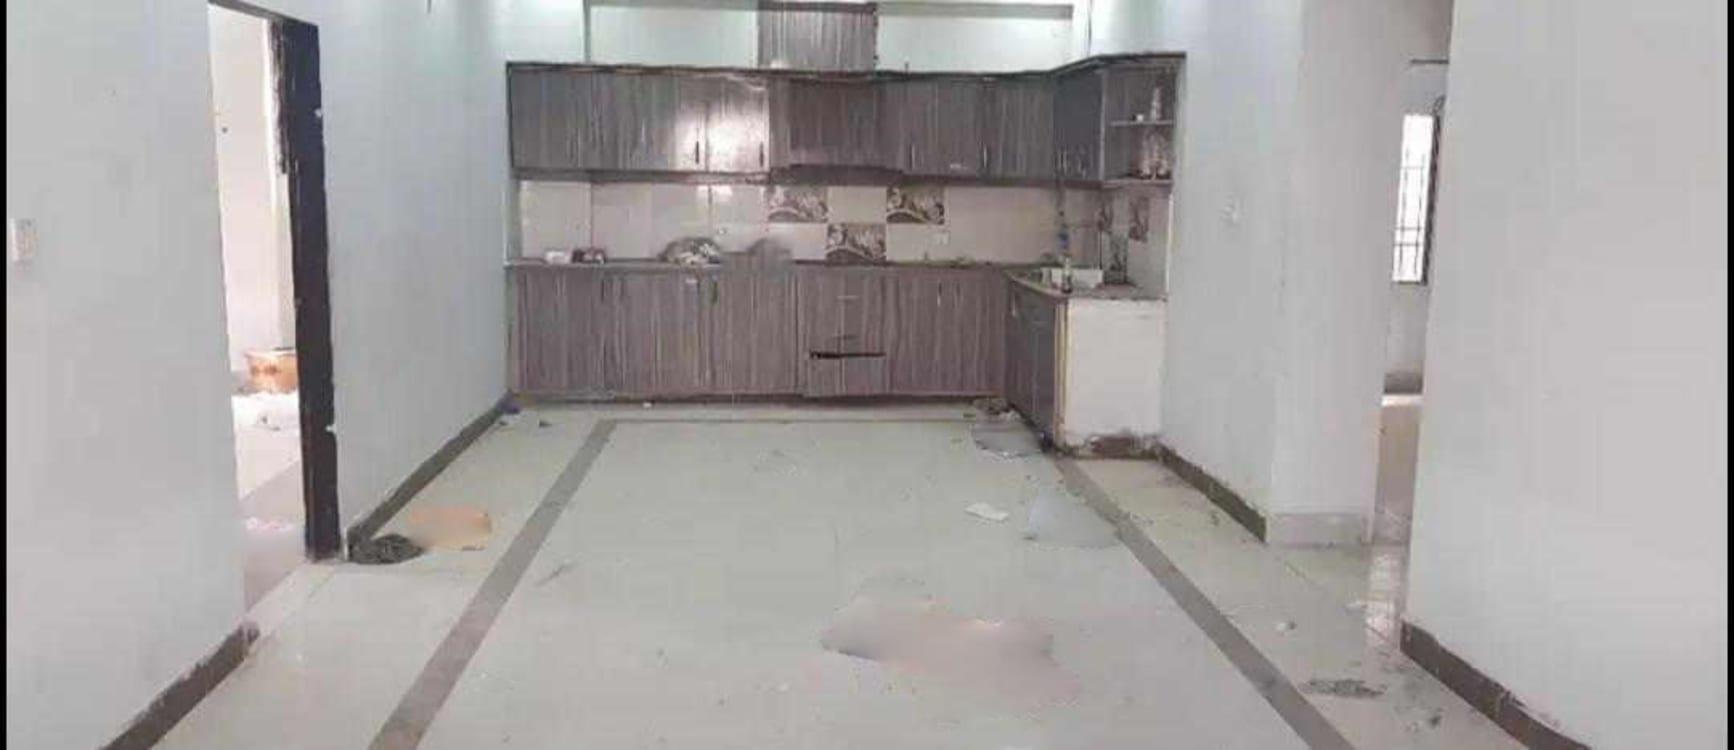 2180 Sqft Apartment for Rent | Graana.com